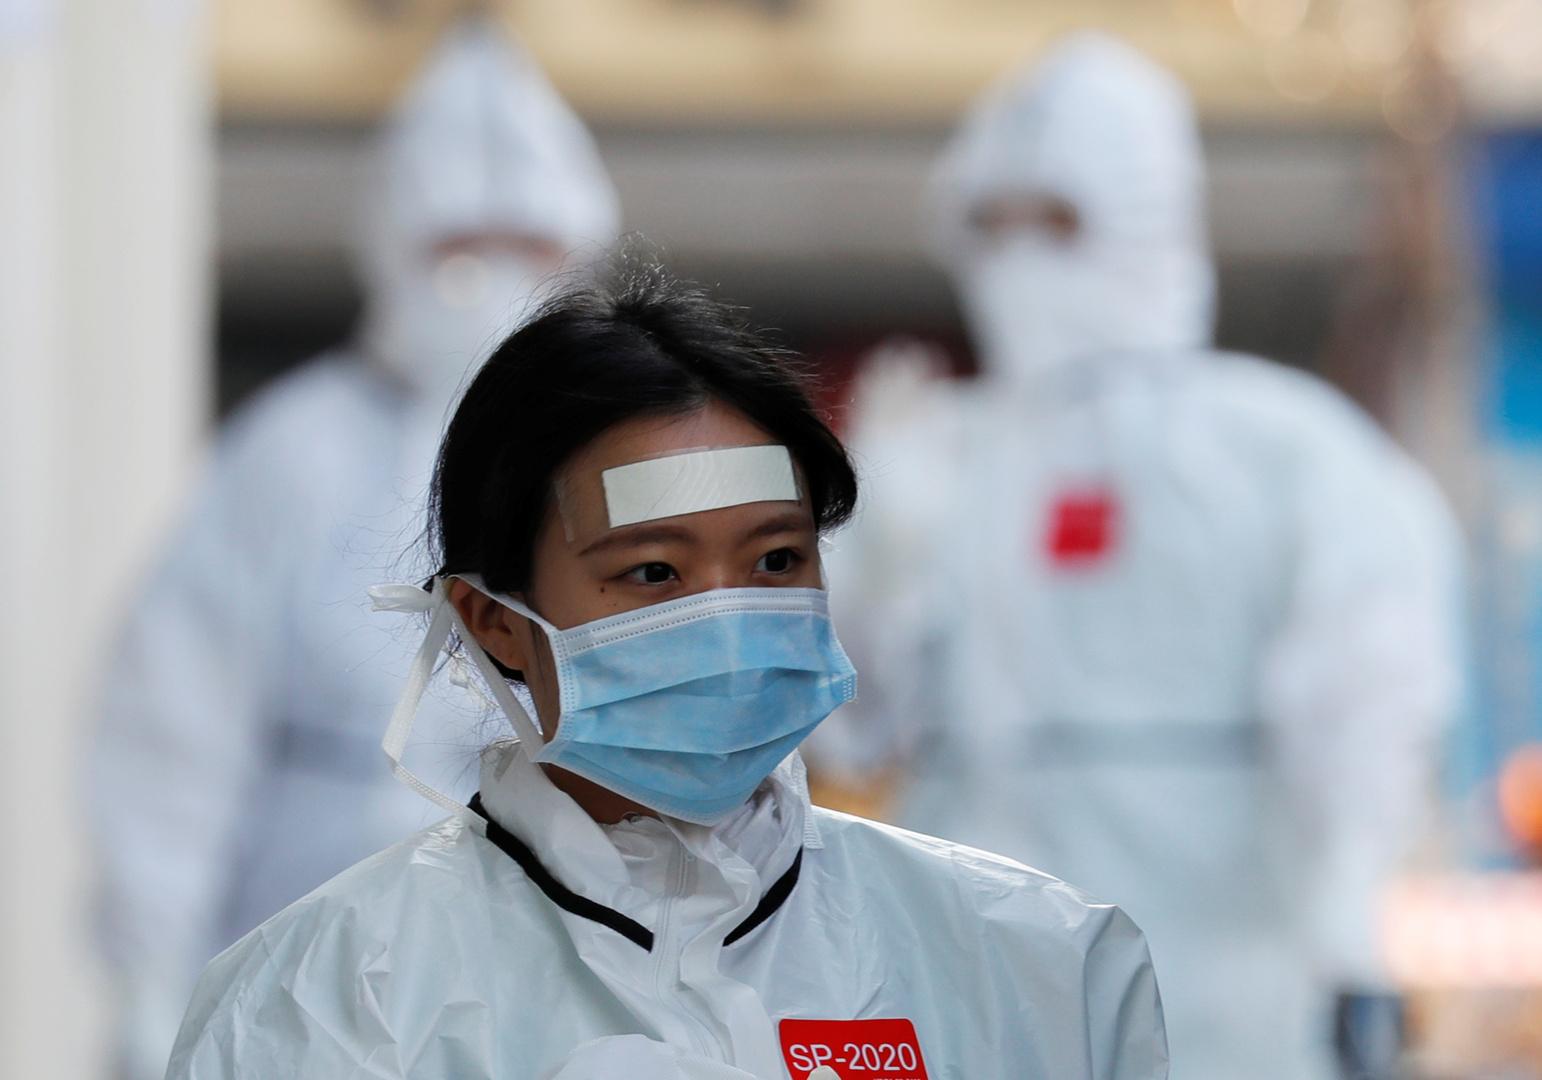 كوريا الجنوبية تدرس تشديد قيود التباعد الاجتماعي بعد زيادة إصابات كورونا